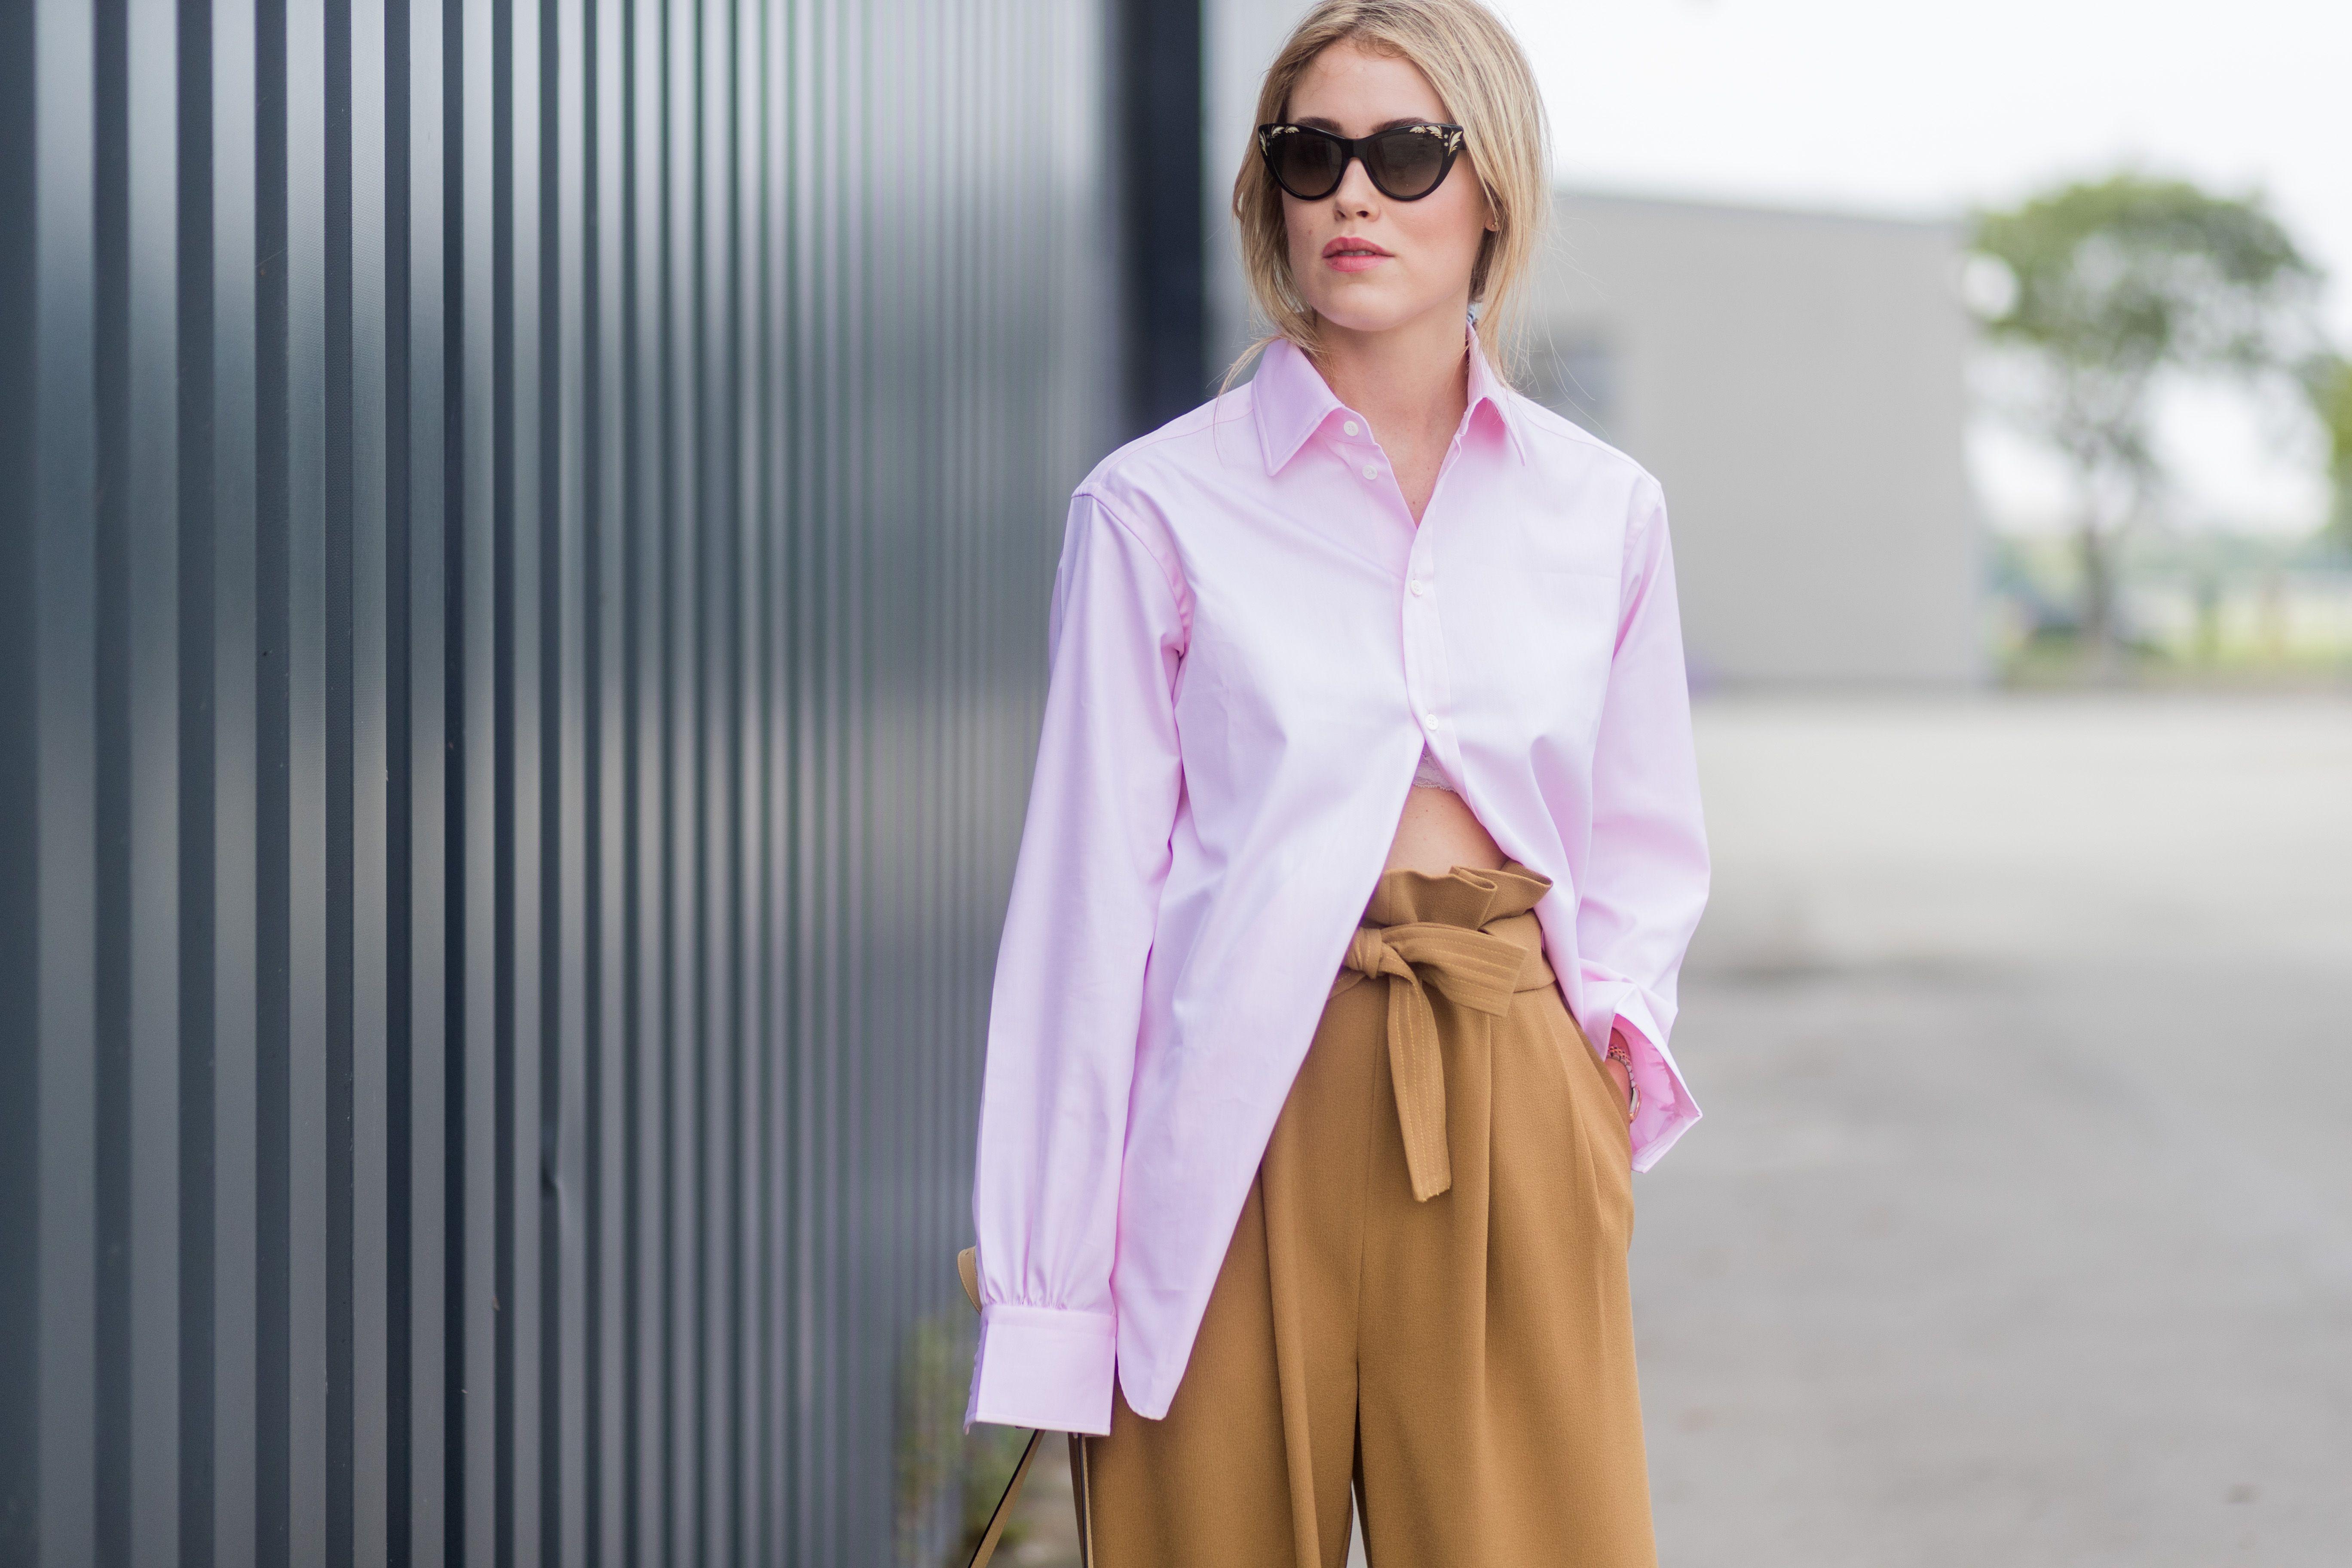 Cosa mettere sotto una camicia trasparente? La guida al vedo